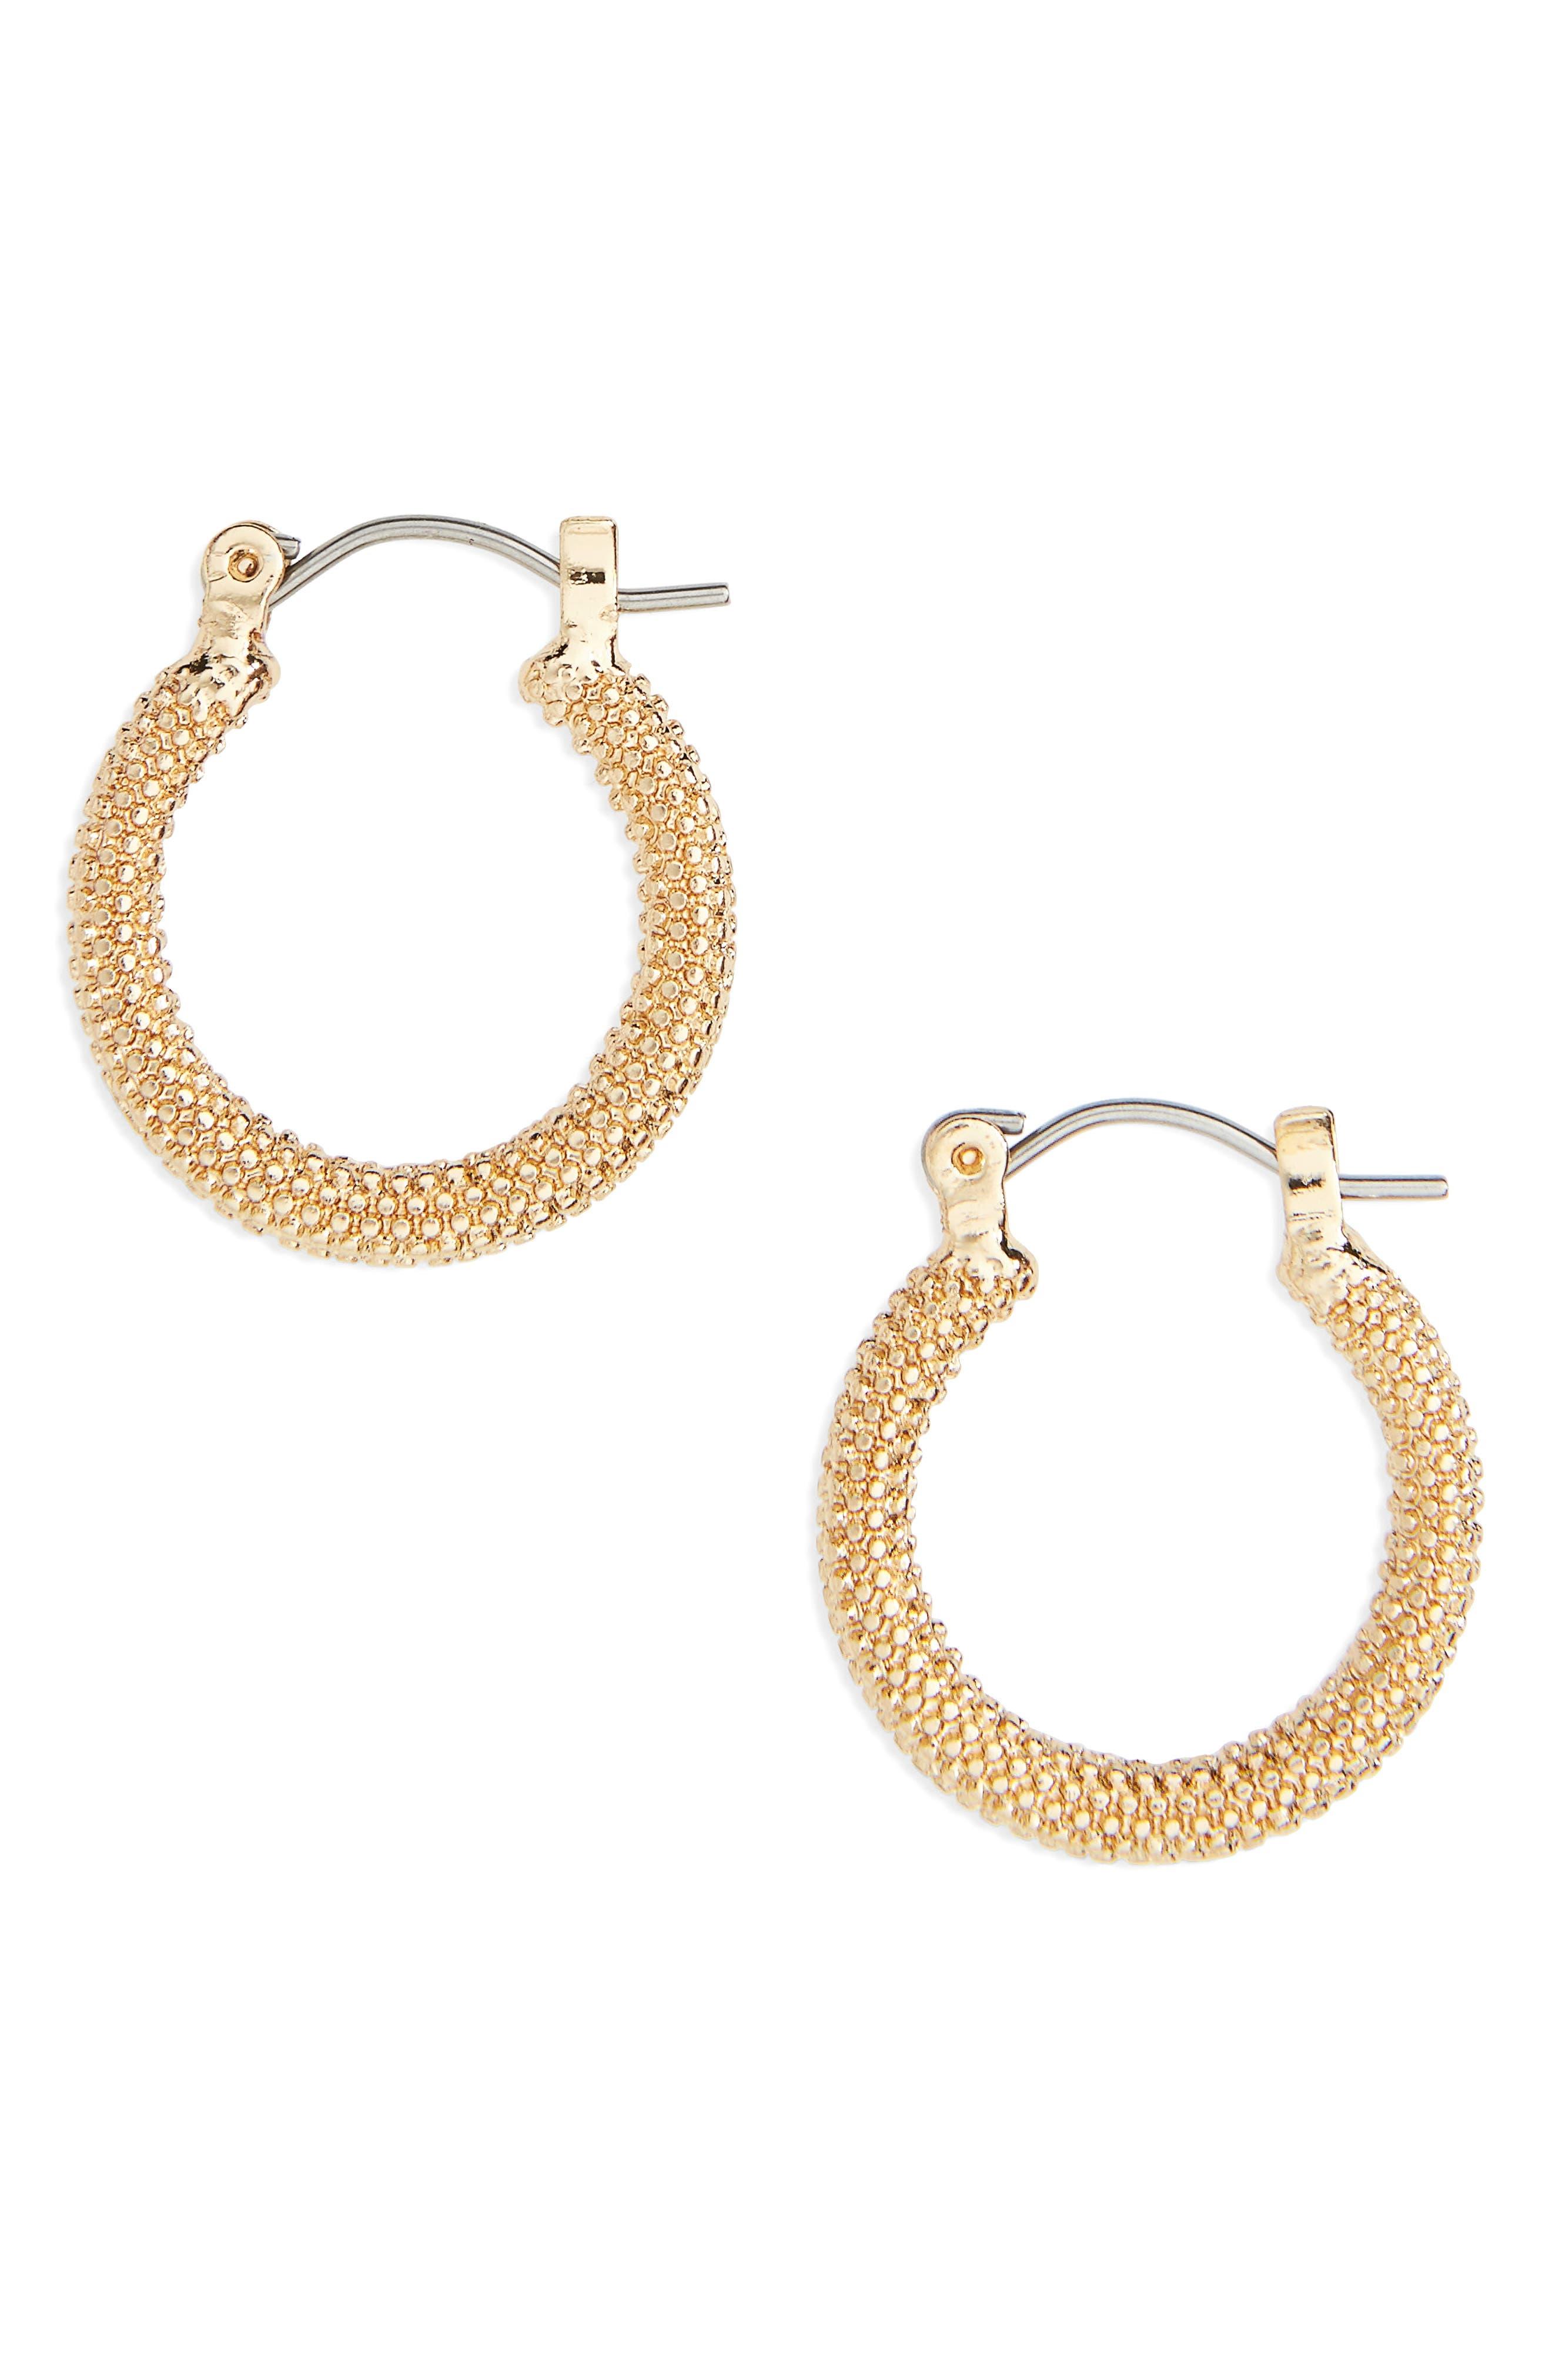 Topshop Textured Hoop Earrings